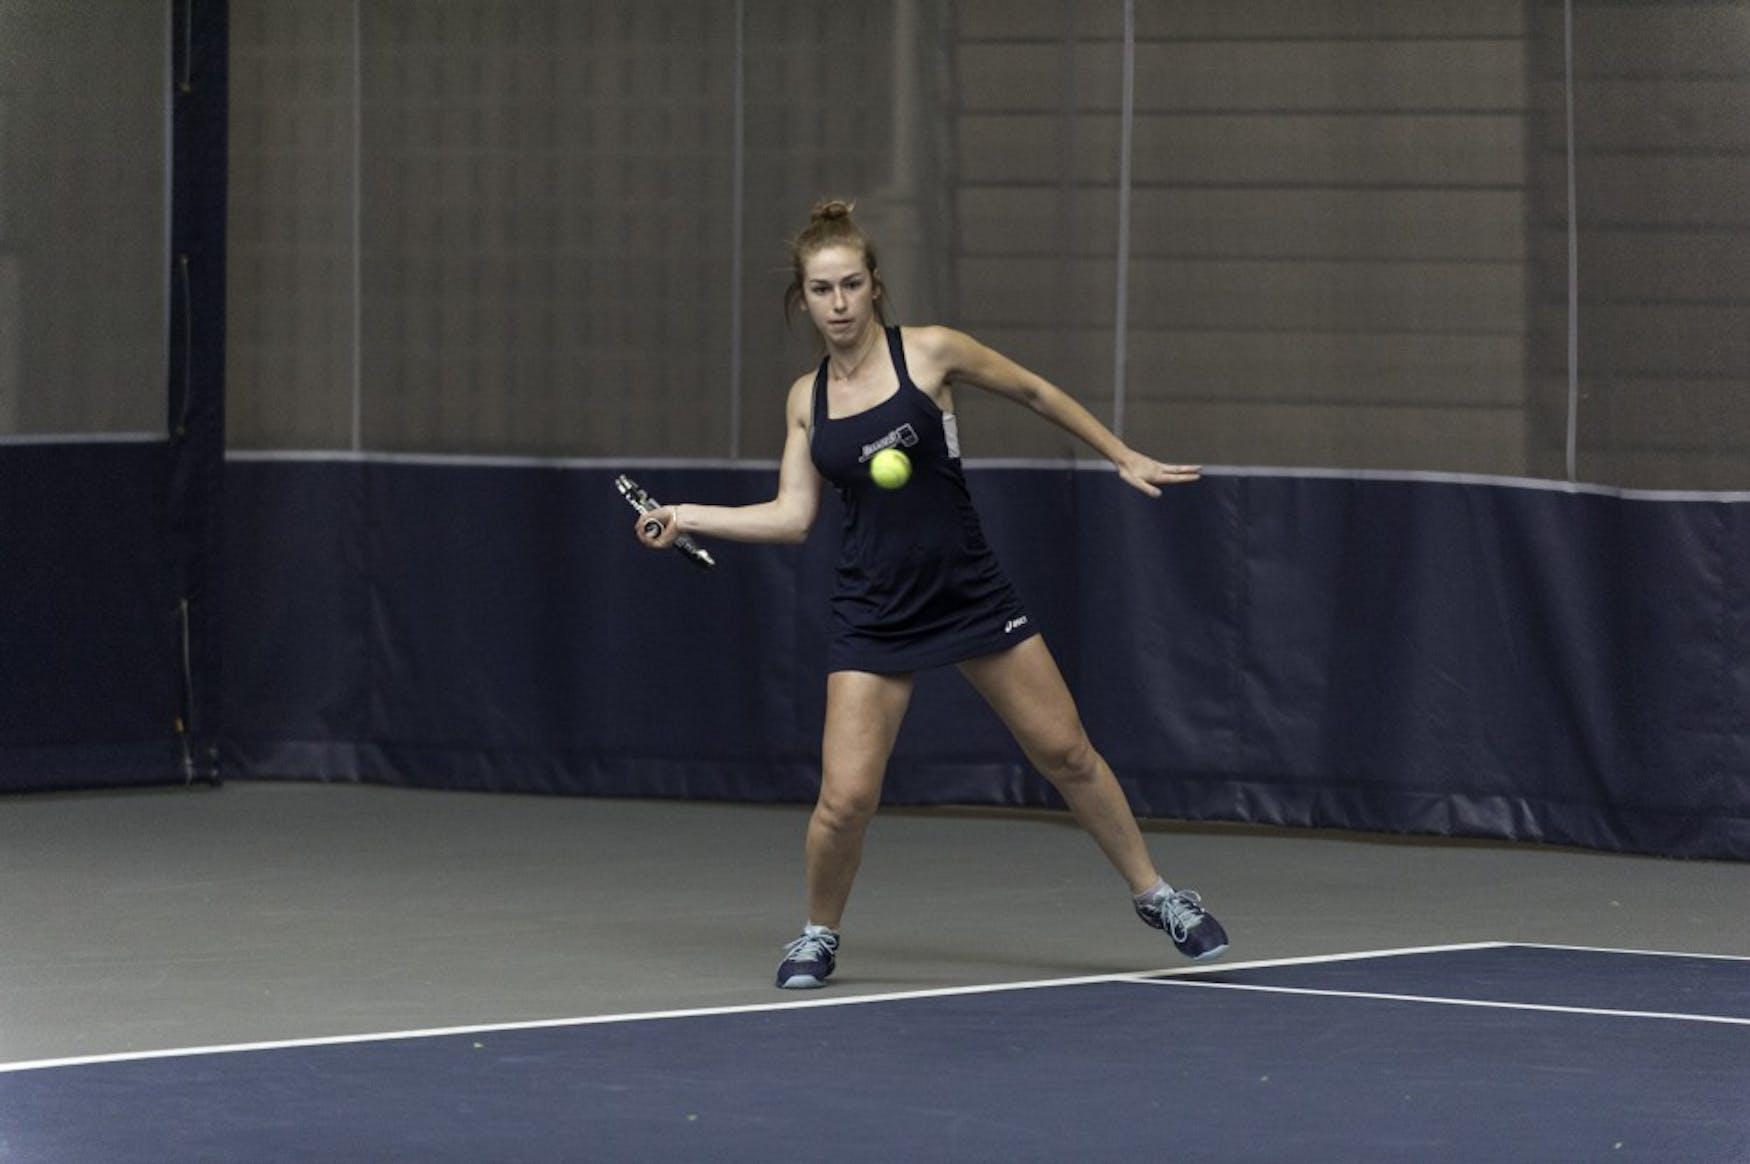 tennis-w-vs-trinity-3-24-18-ab-0103